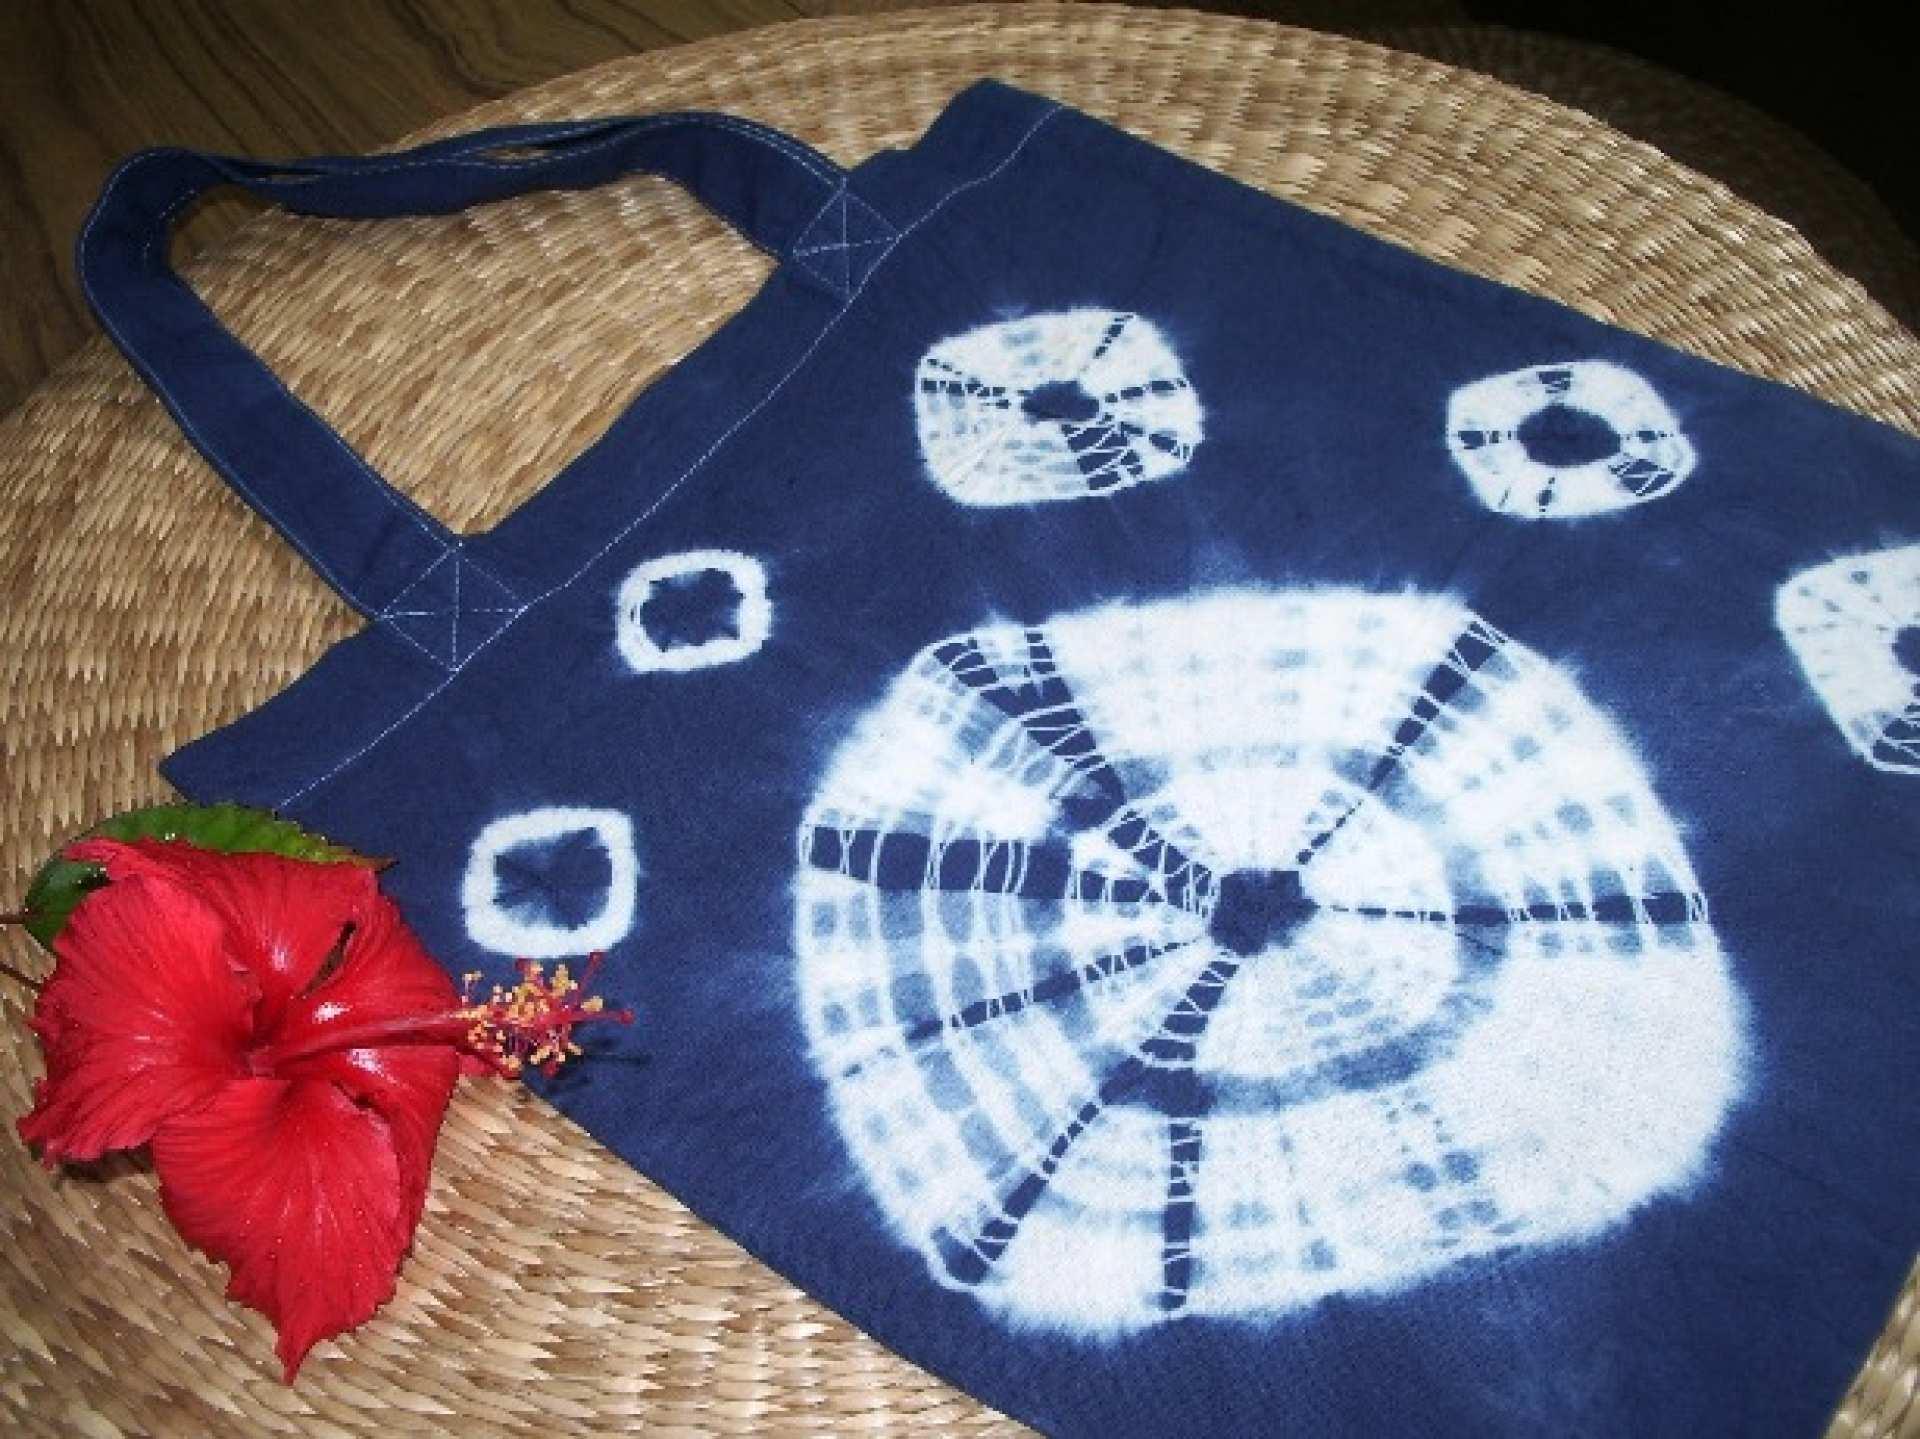 【沖繩特色體驗】沖繩文化王國傳統工藝藍染:手作復古手工提袋